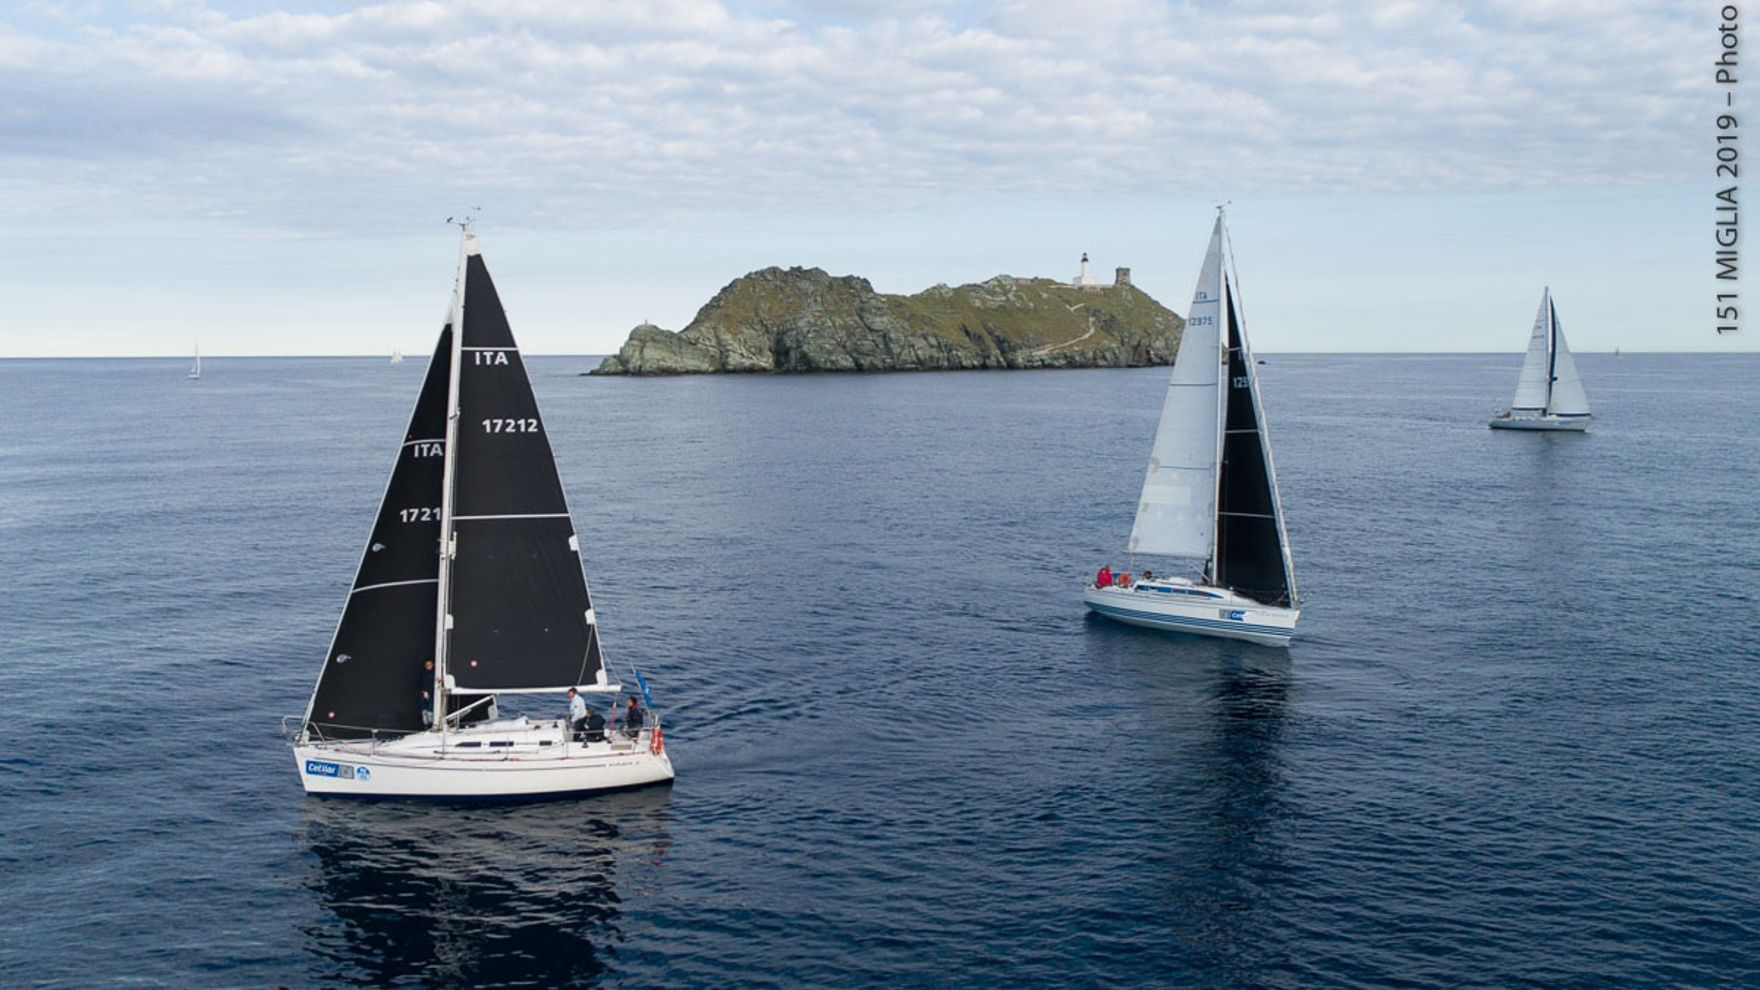 151 MIGLIA 2021 regatta